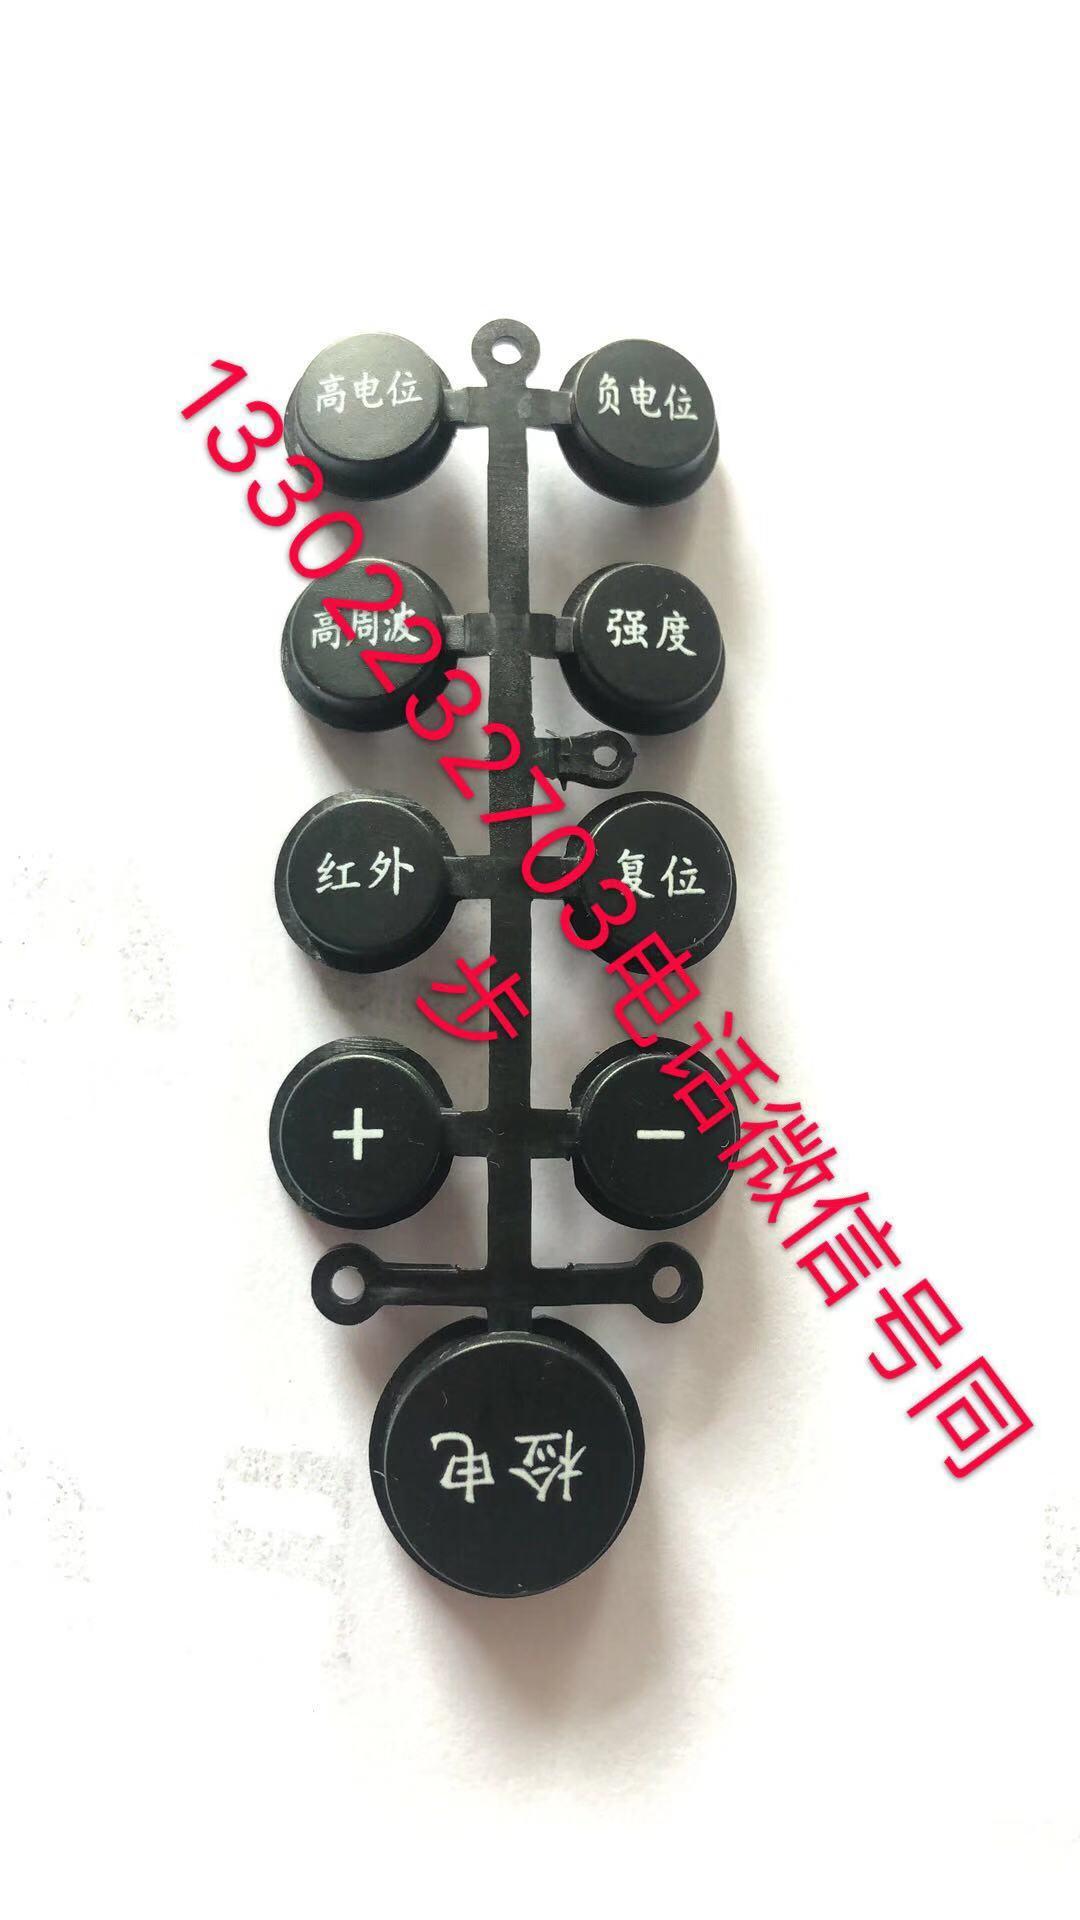 廣州森雅絲印廠專業絲印弧形按健 塑料按健絲印加工